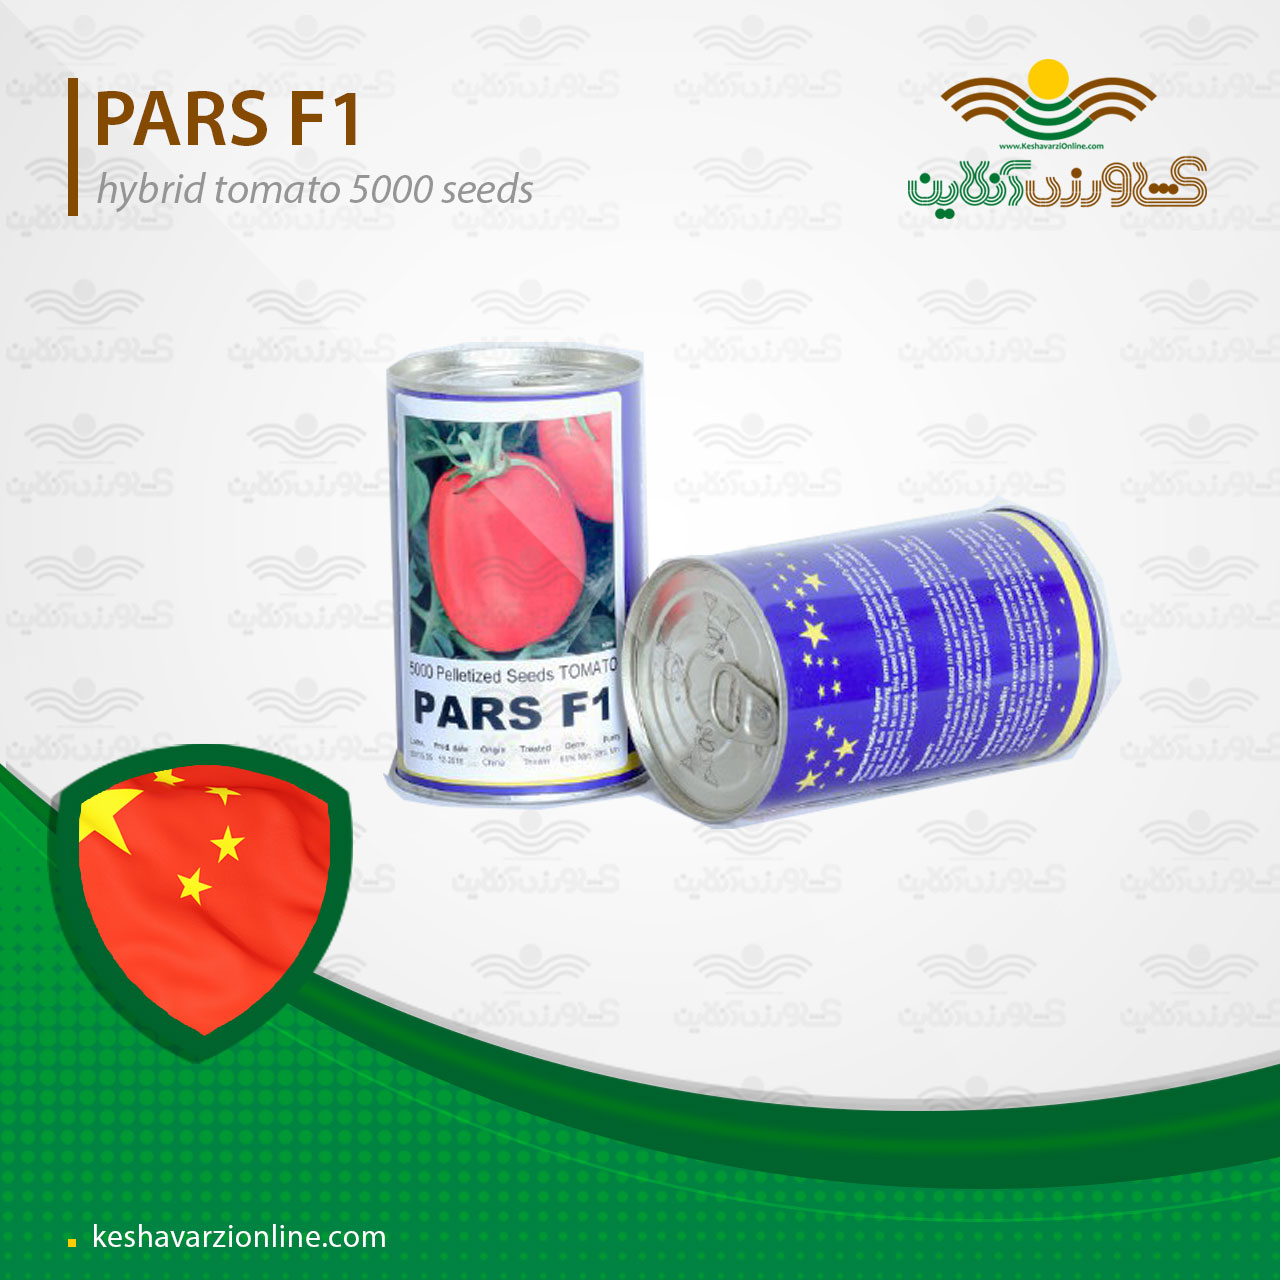 بذر گوجه پارس رقمی مشابه با گوجه متین